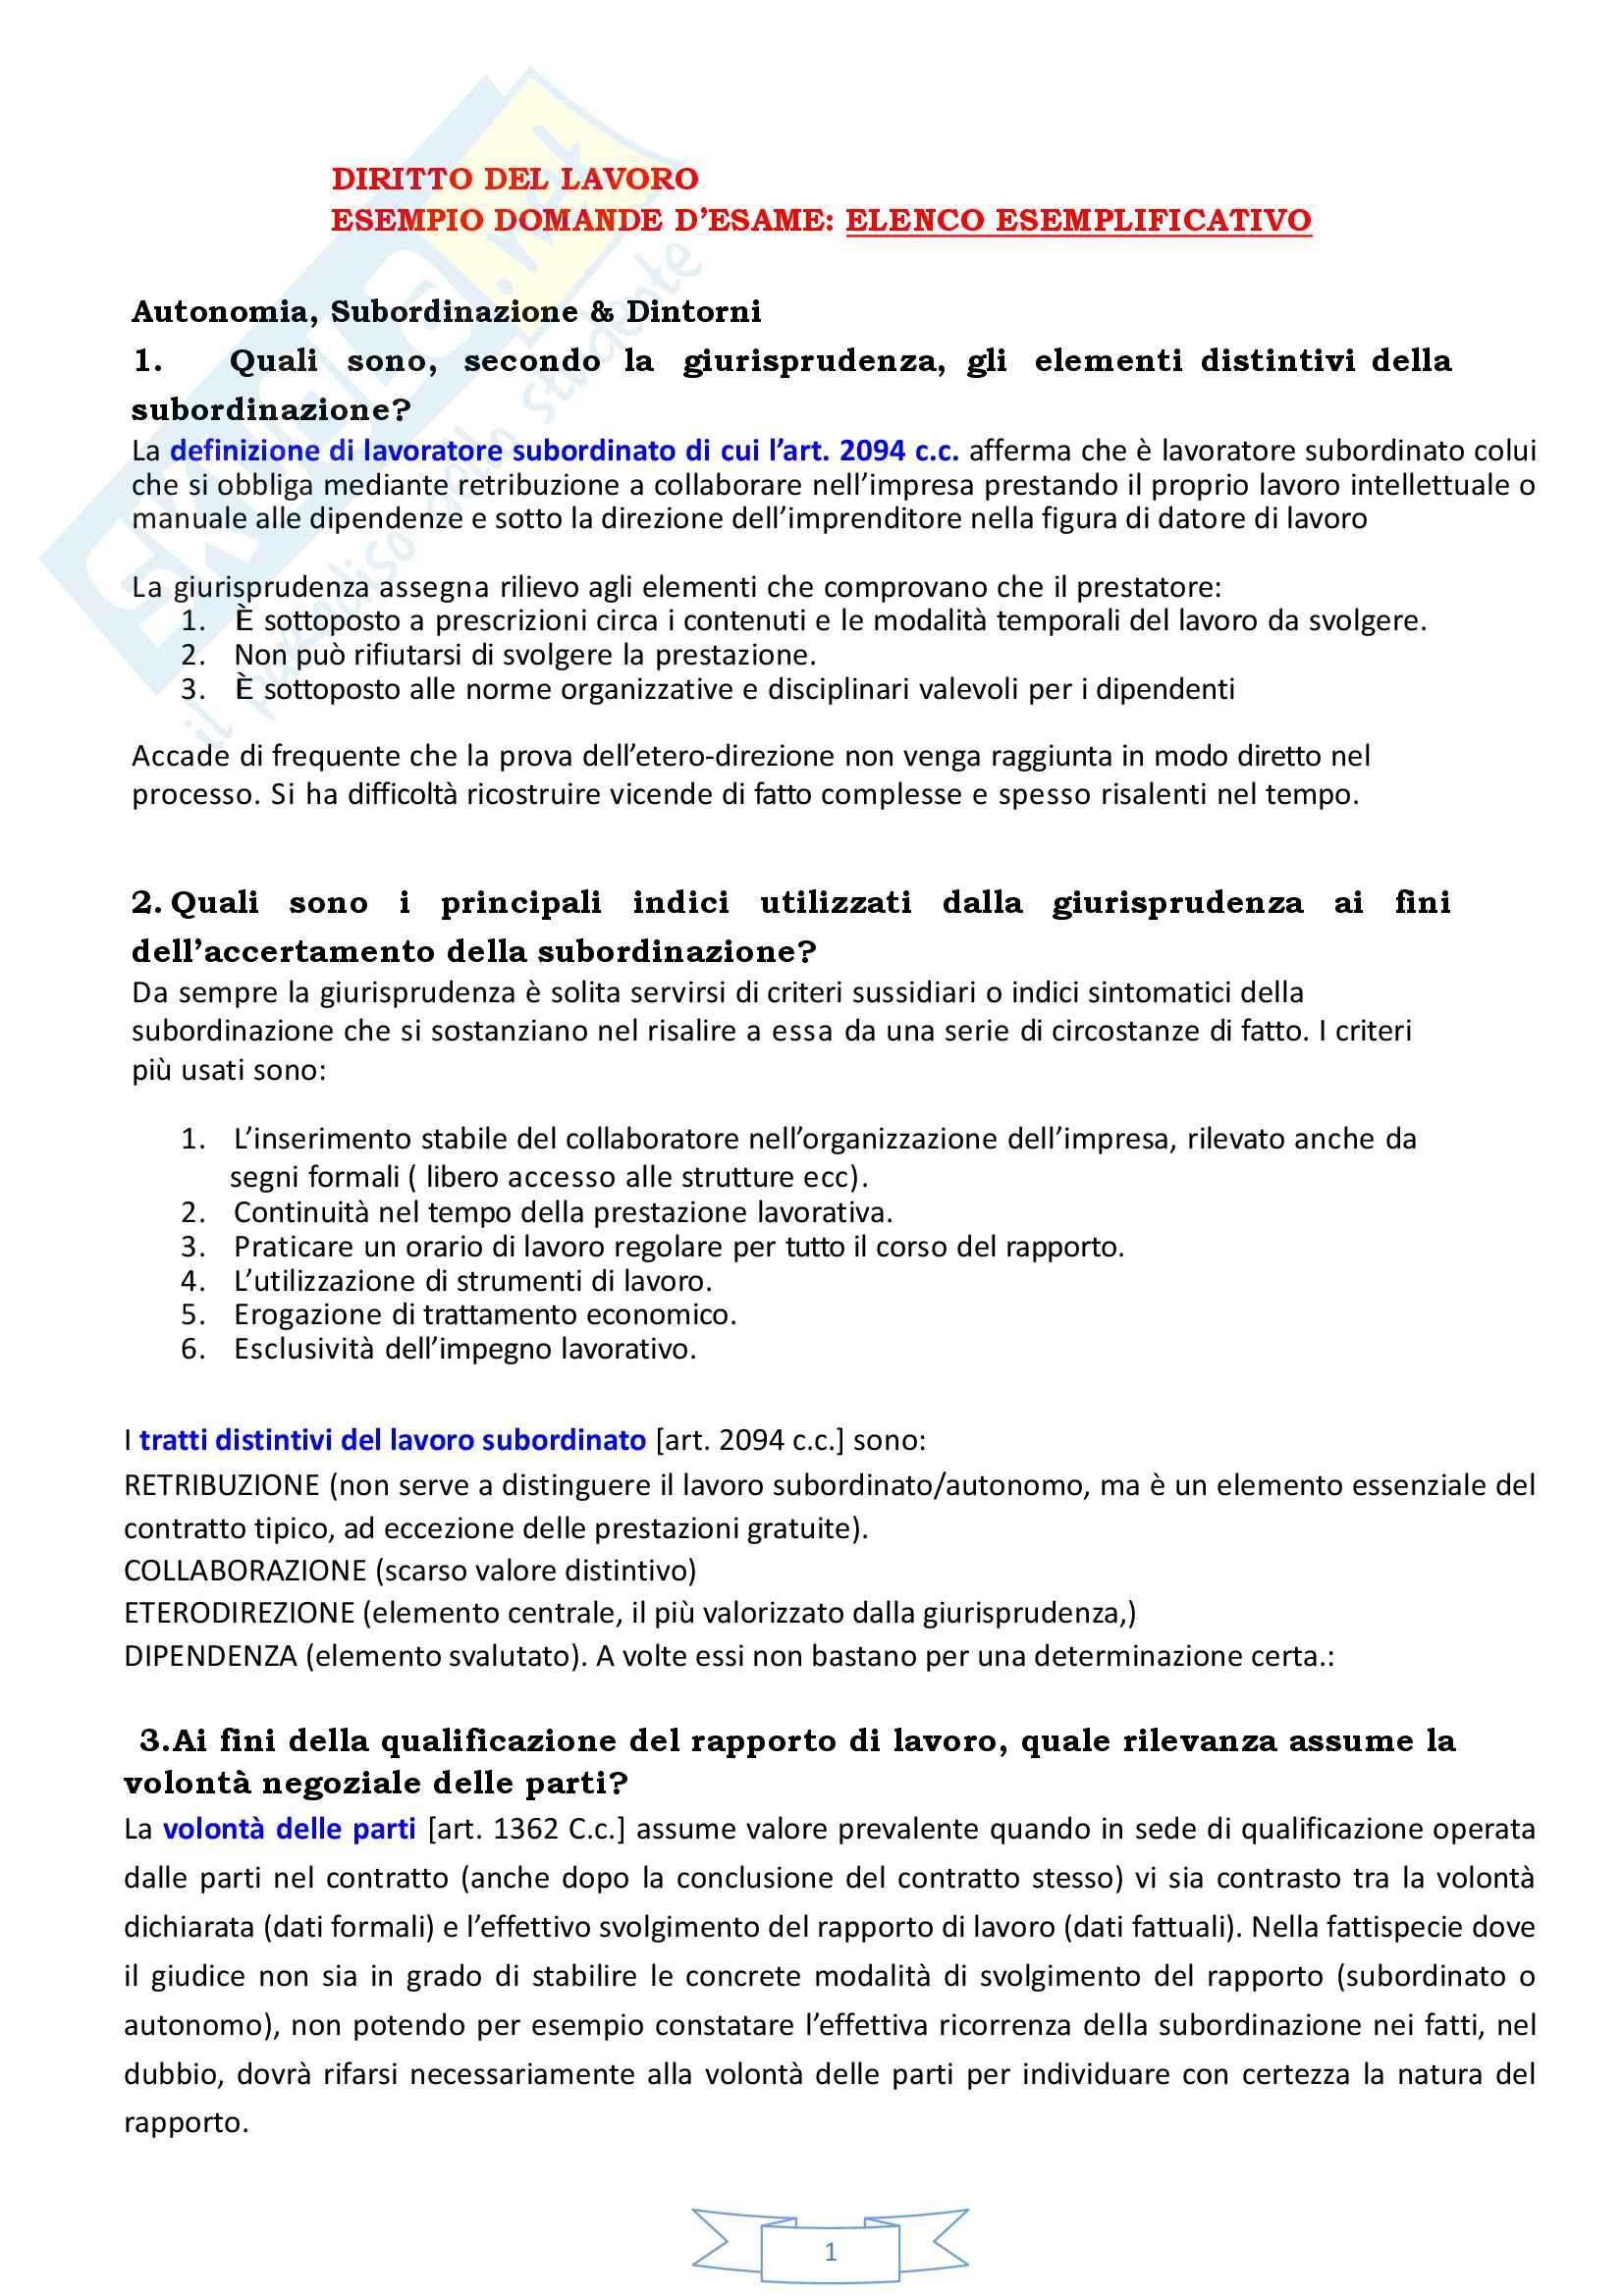 Diritto del lavoro - domande e risposte esame